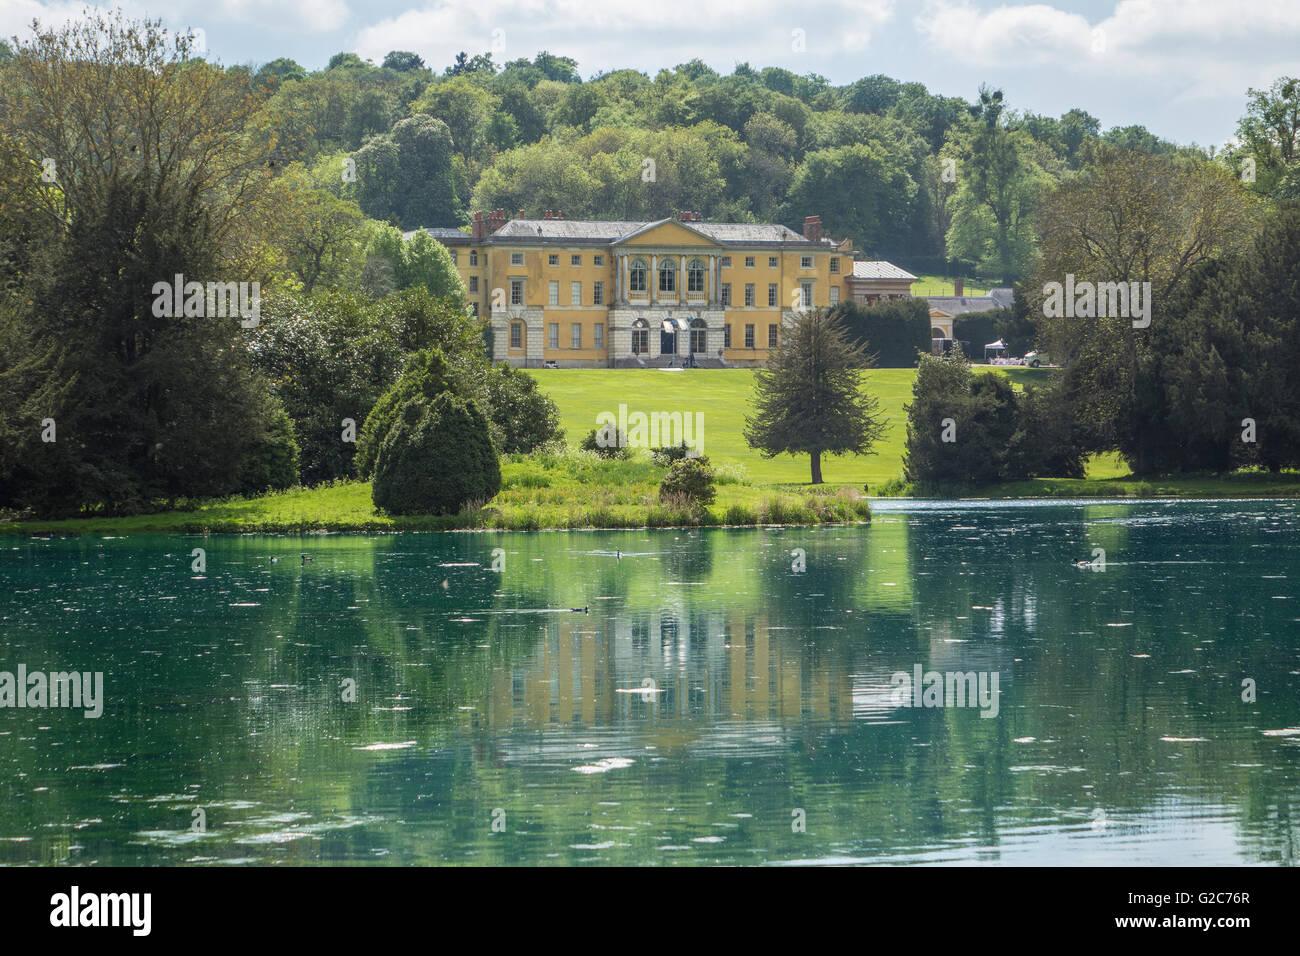 England, Buckinghamshire, West Wycombe park, House & lake - Stock Image